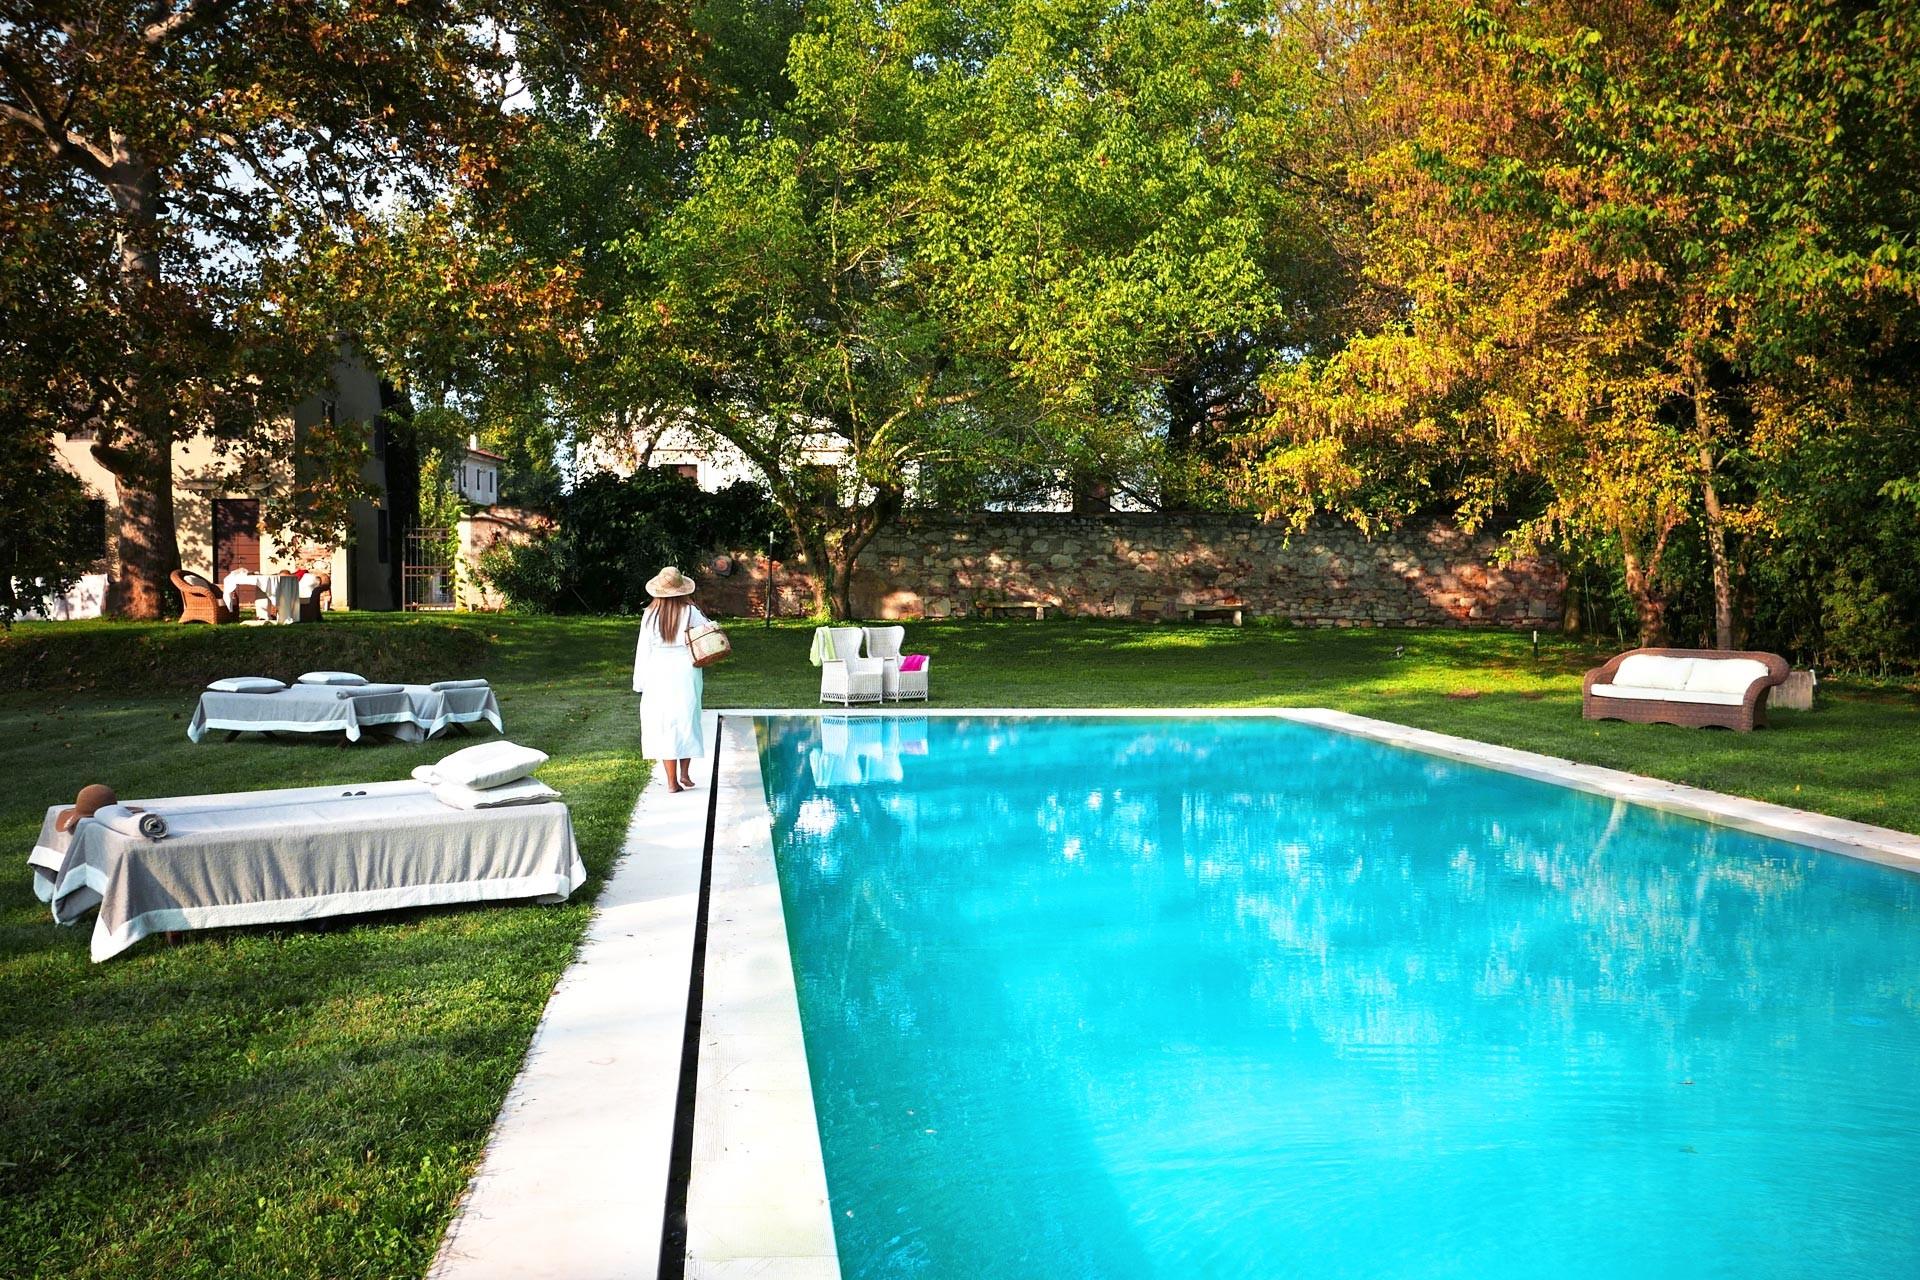 The swimming pool in the park of Barchessa di Villa Pisani, a XVI century mansion, close to Vicenza